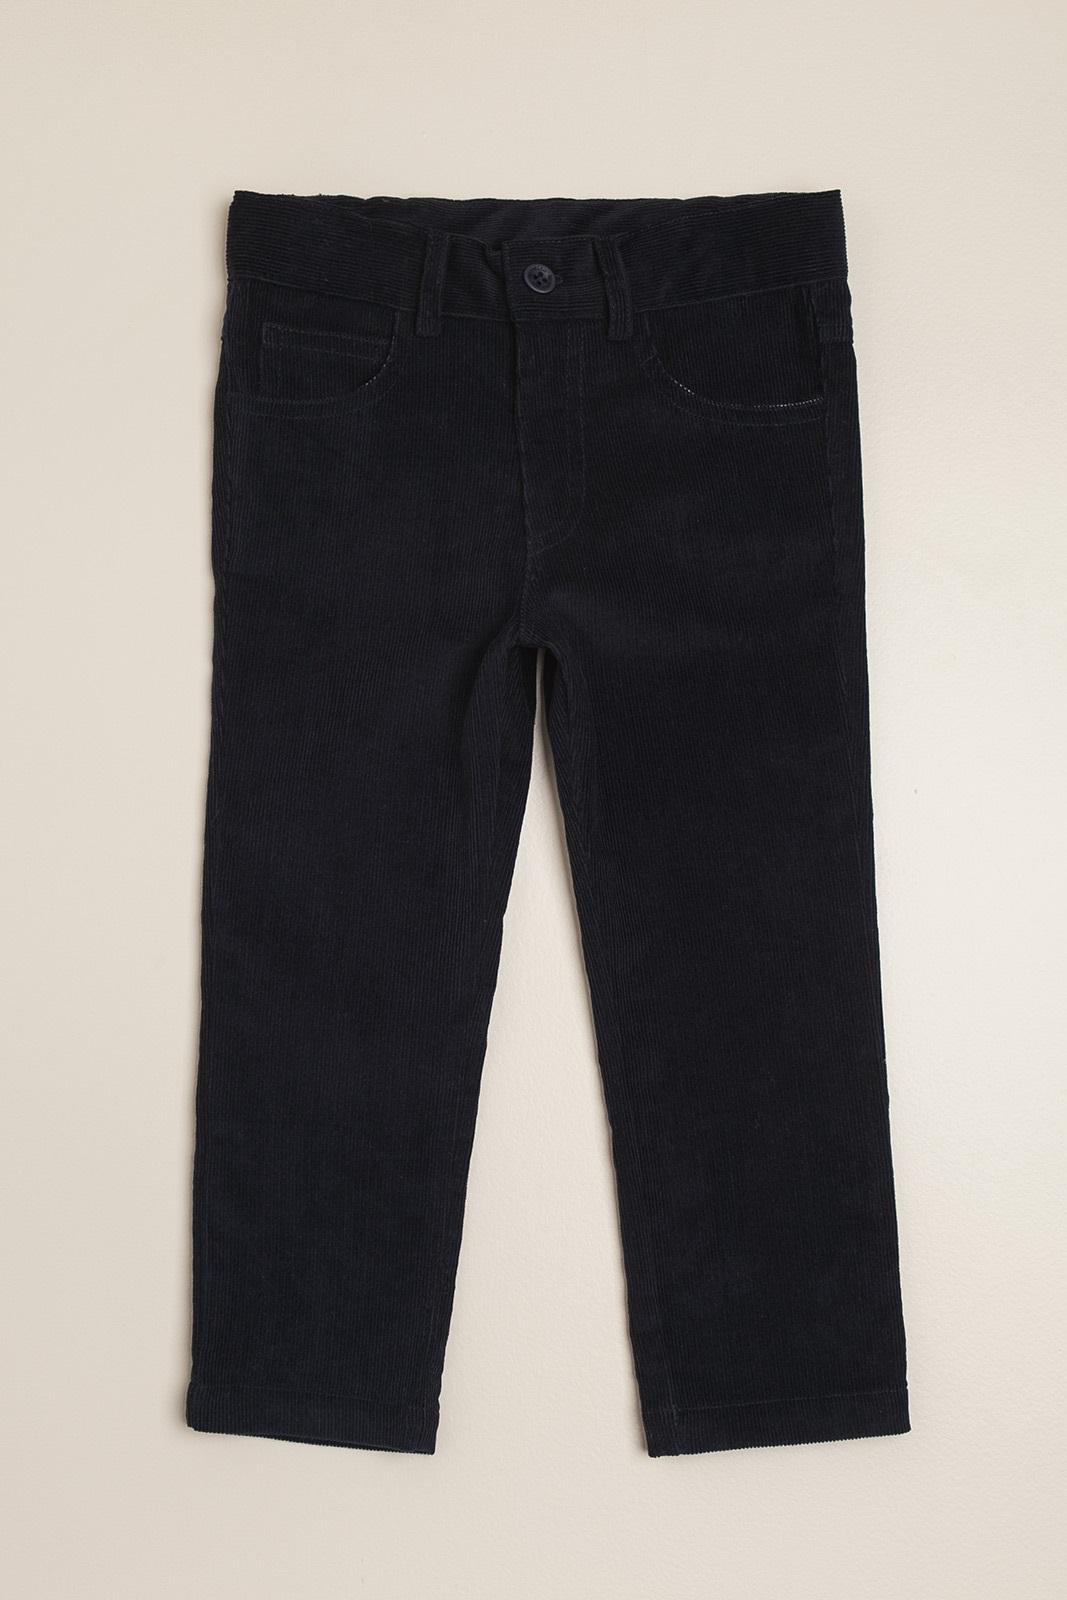 Pantalon de corderoy azul